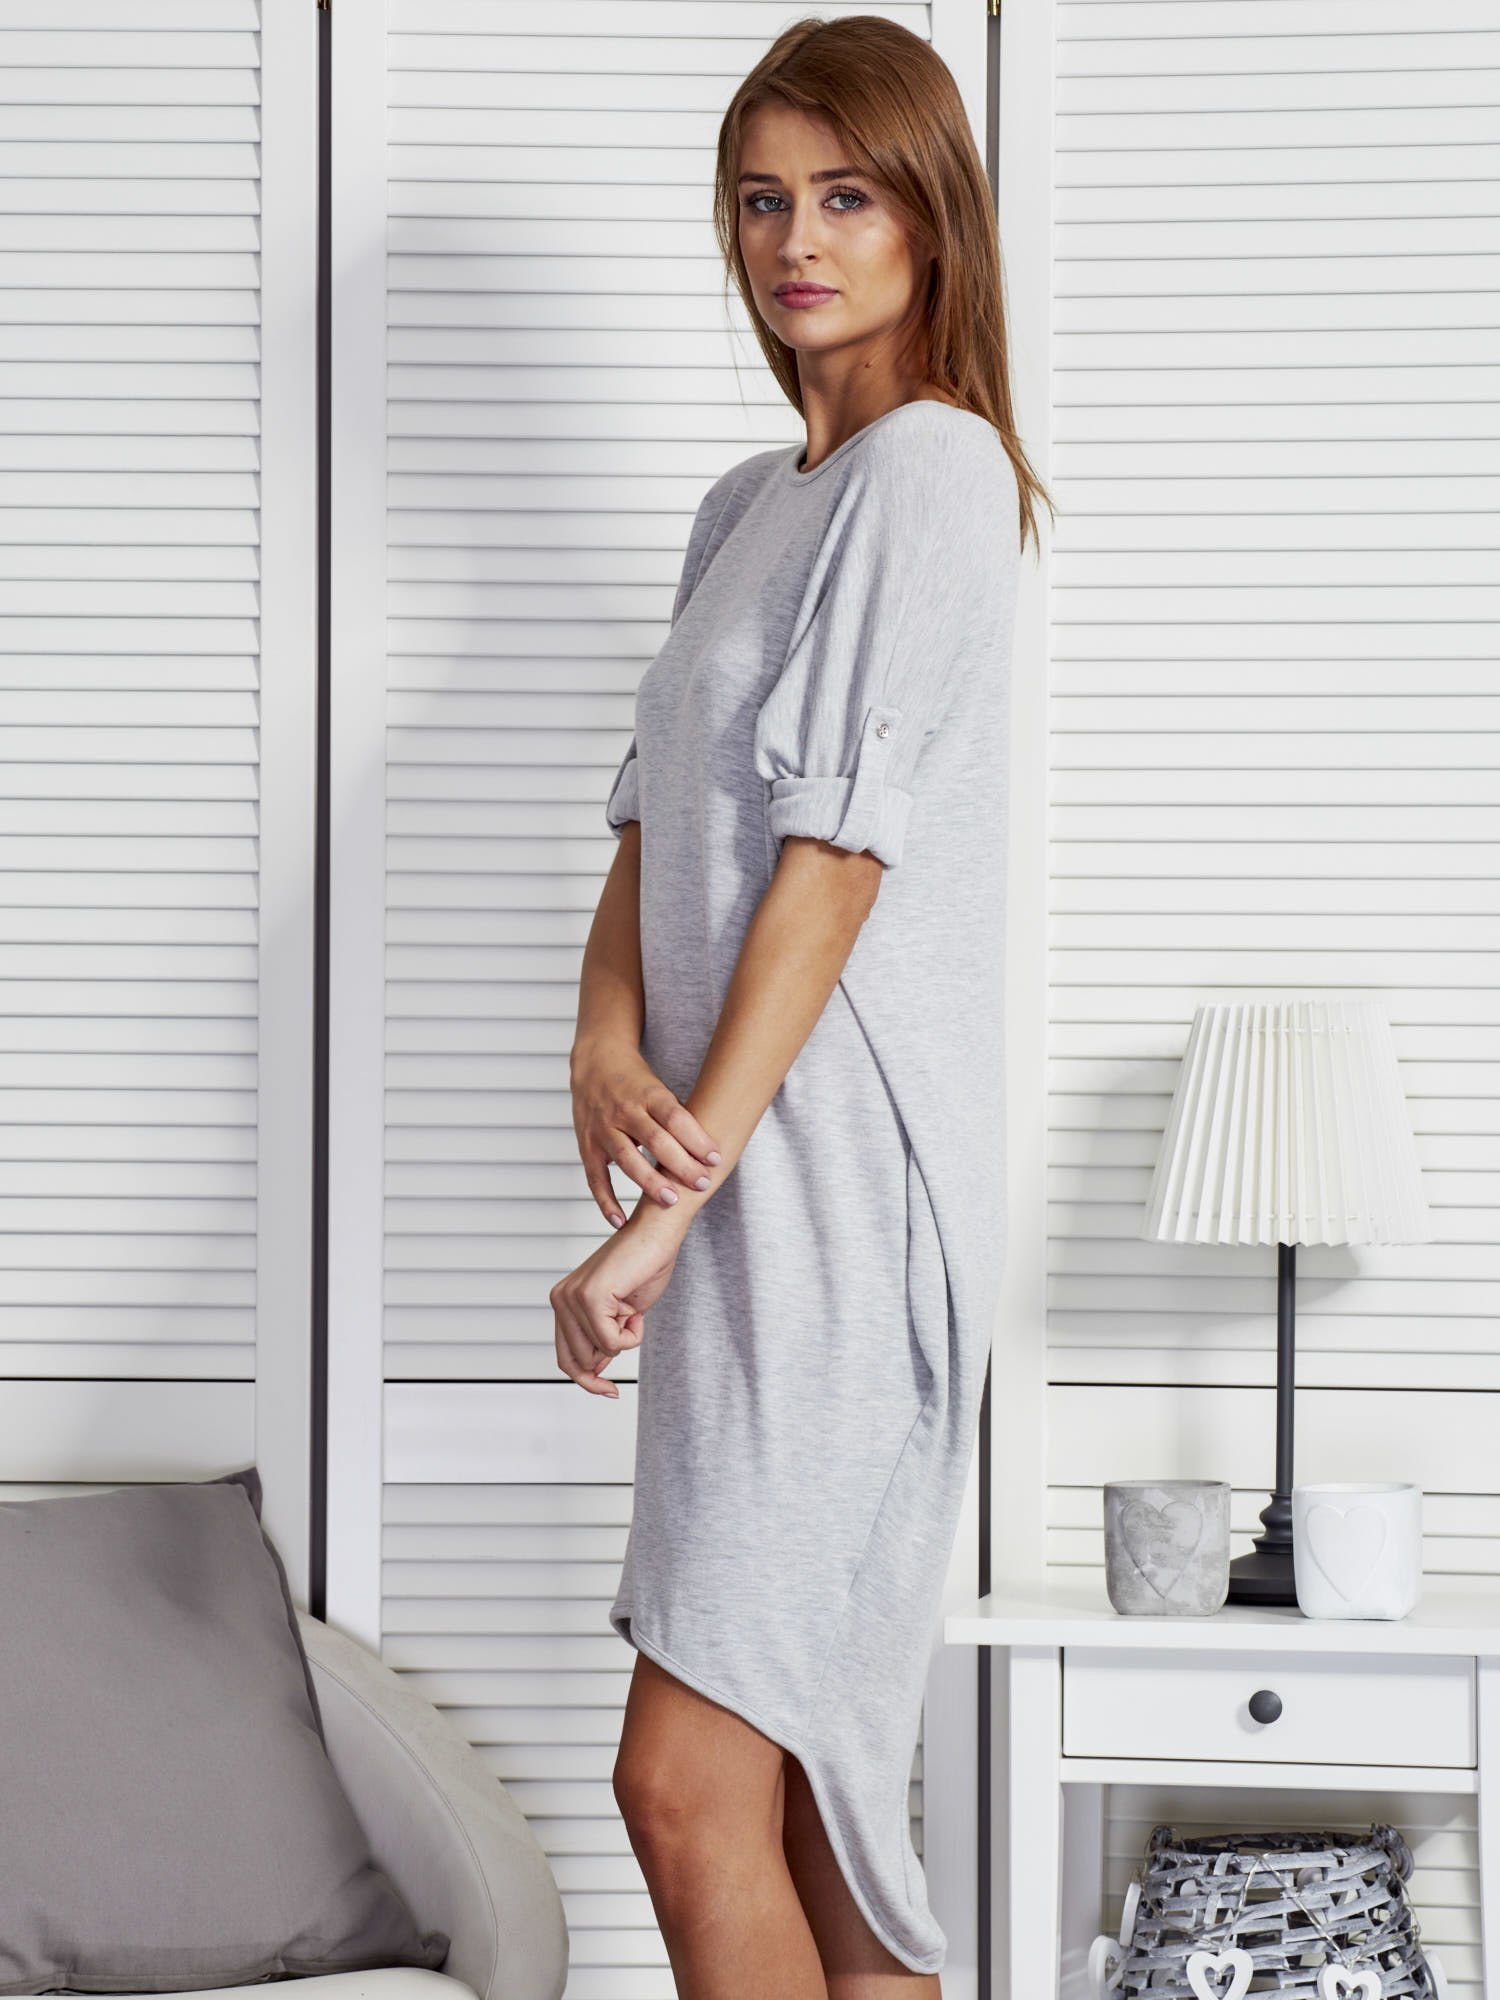 531ddaa3744ea2 Szara luźna sukienka z podwijanymi rękawami - Sukienka na co dzień ...